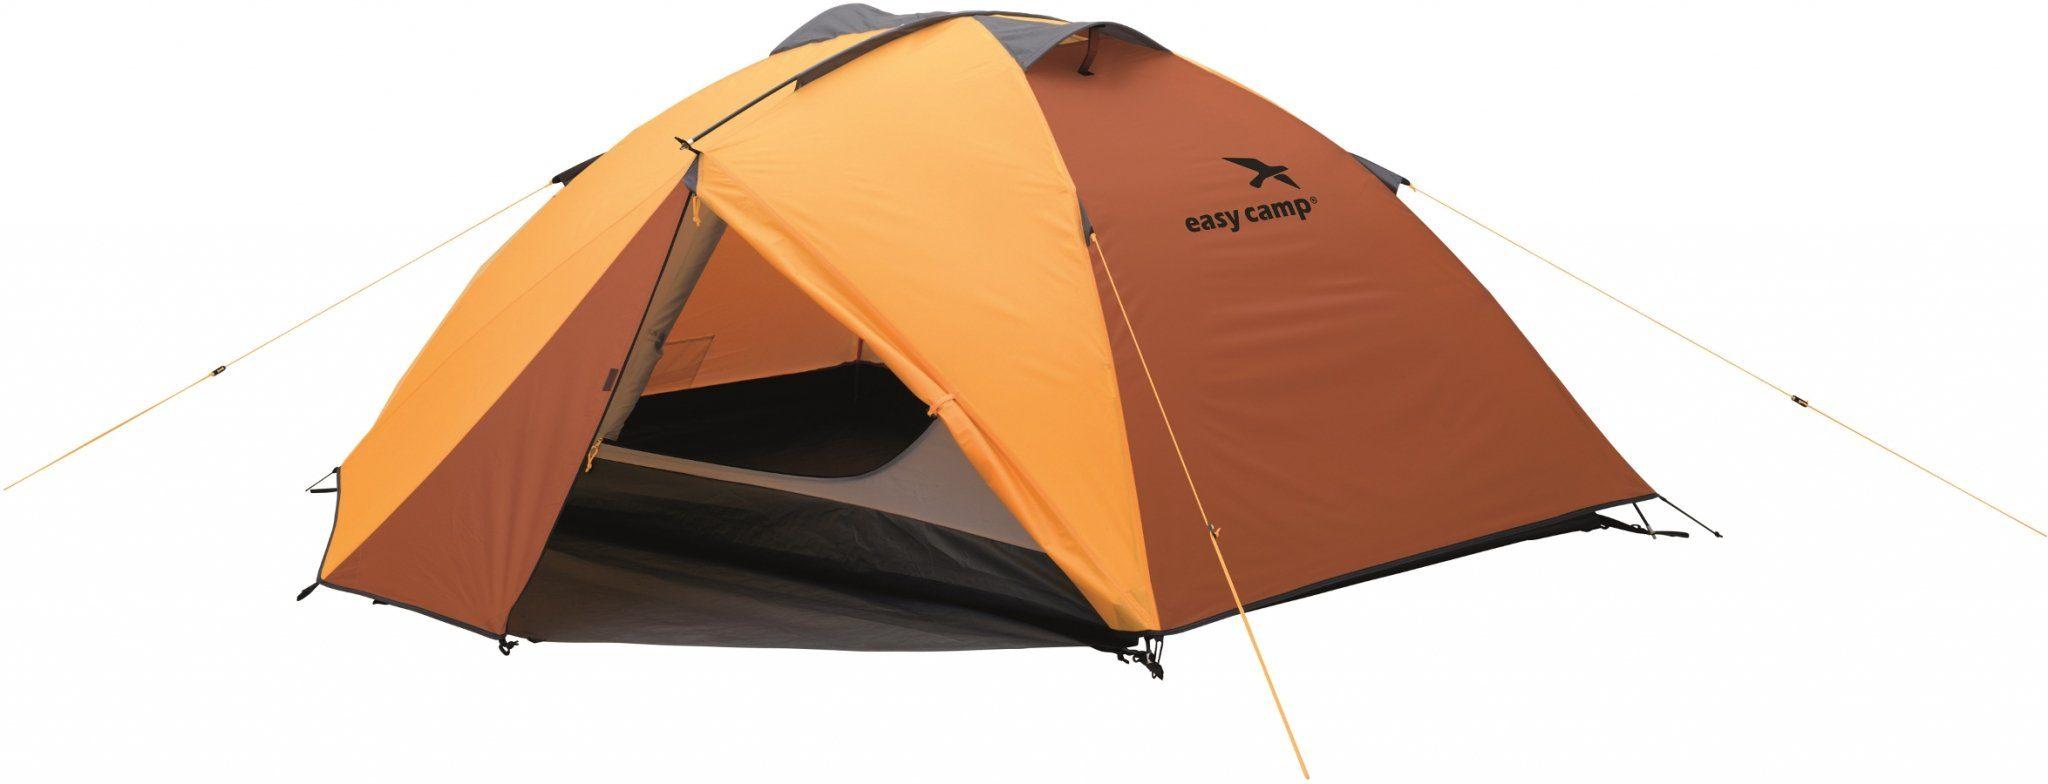 easy camp Zelt »Equinox 200 Tent«